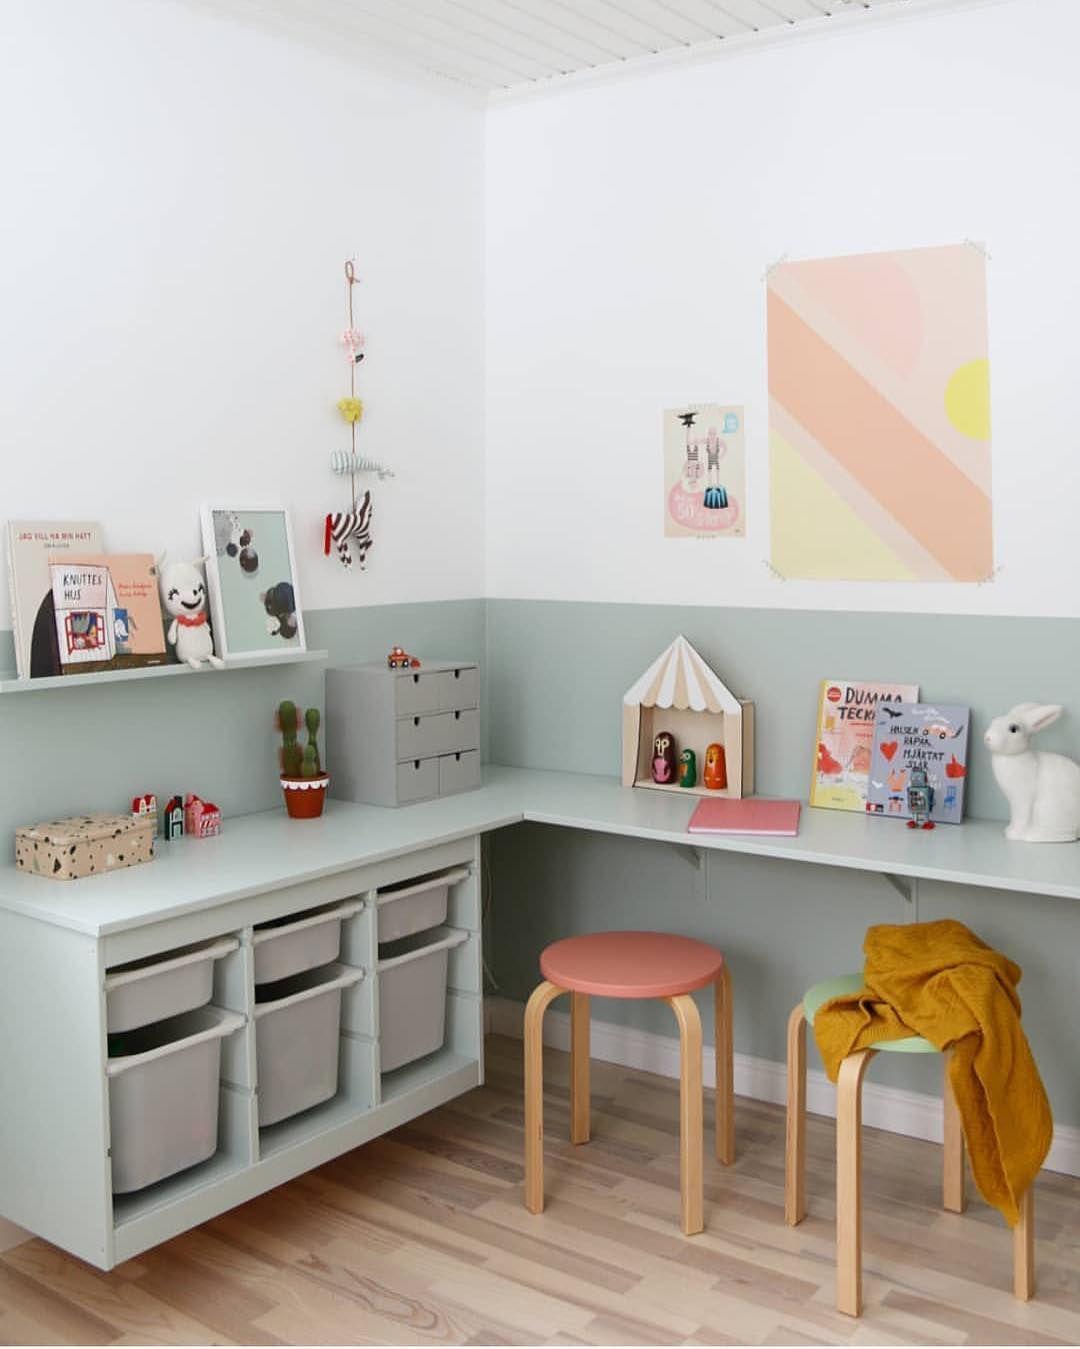 Så fin skrivbordshöra hemma hos @hemlikheter #barnrumsbloggen #barnrumsinspo #barnrum #barnrumsinredning #kidsroom